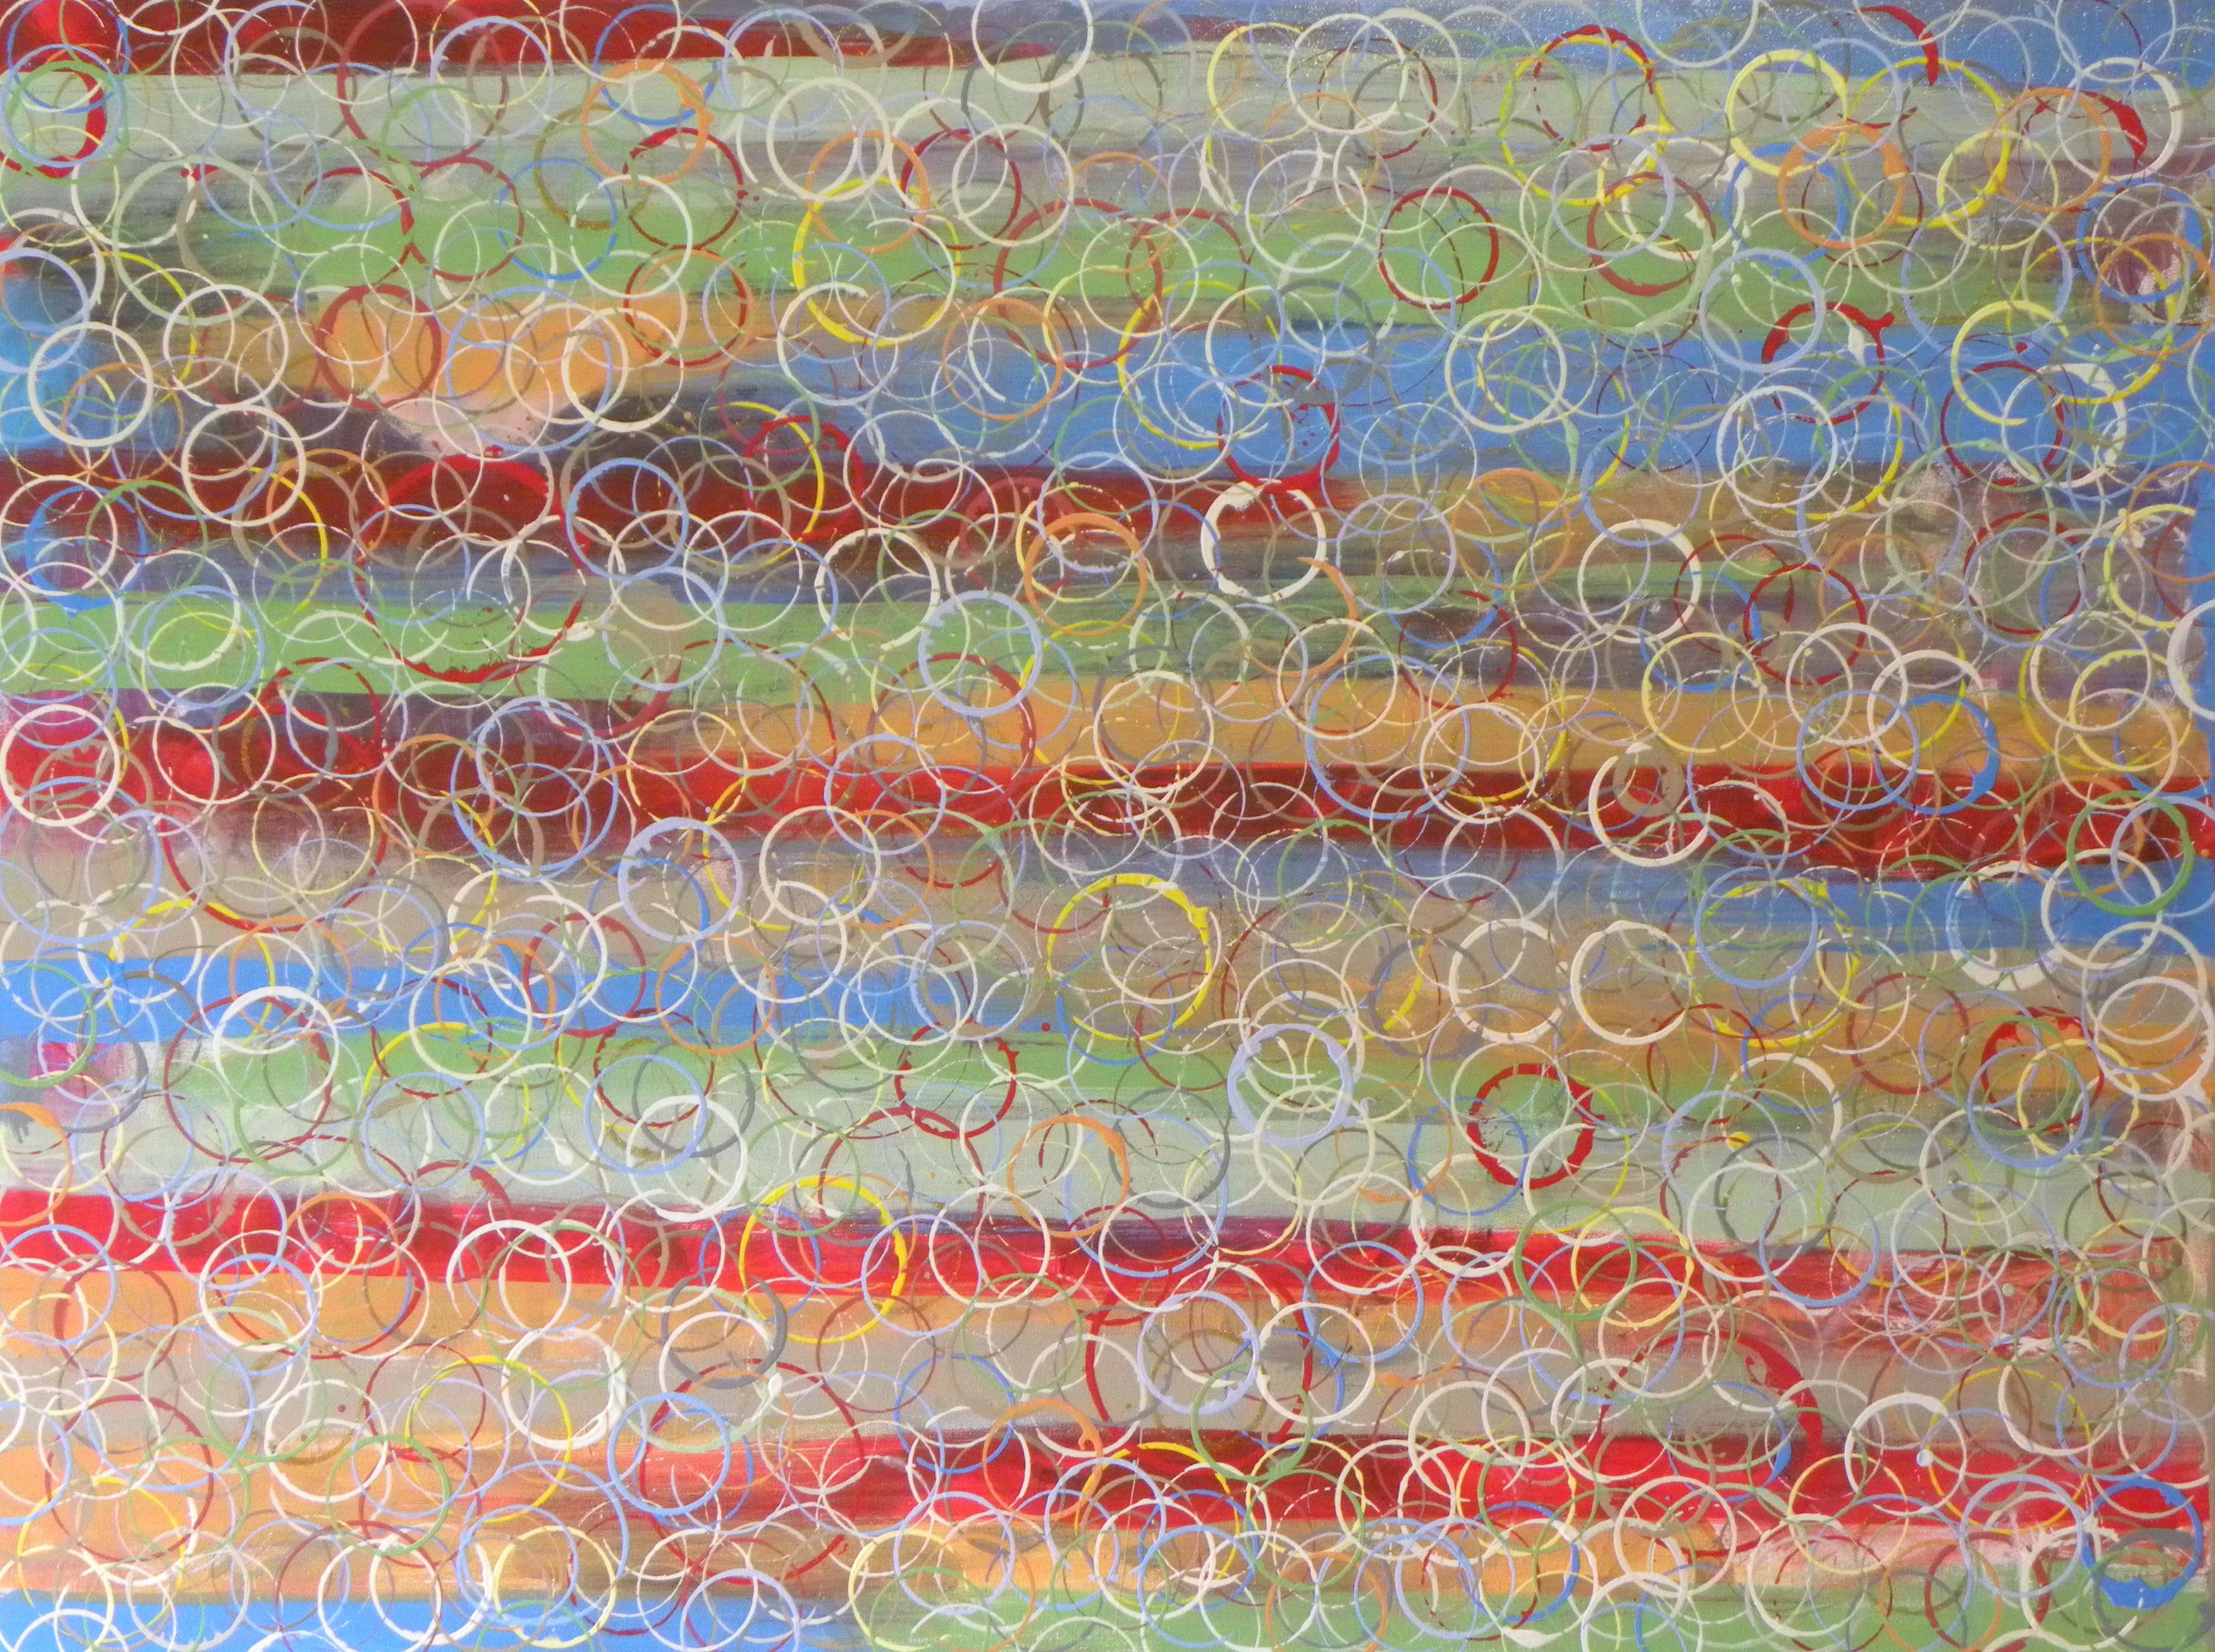 circleblend_106_heinzgrossrieder__2